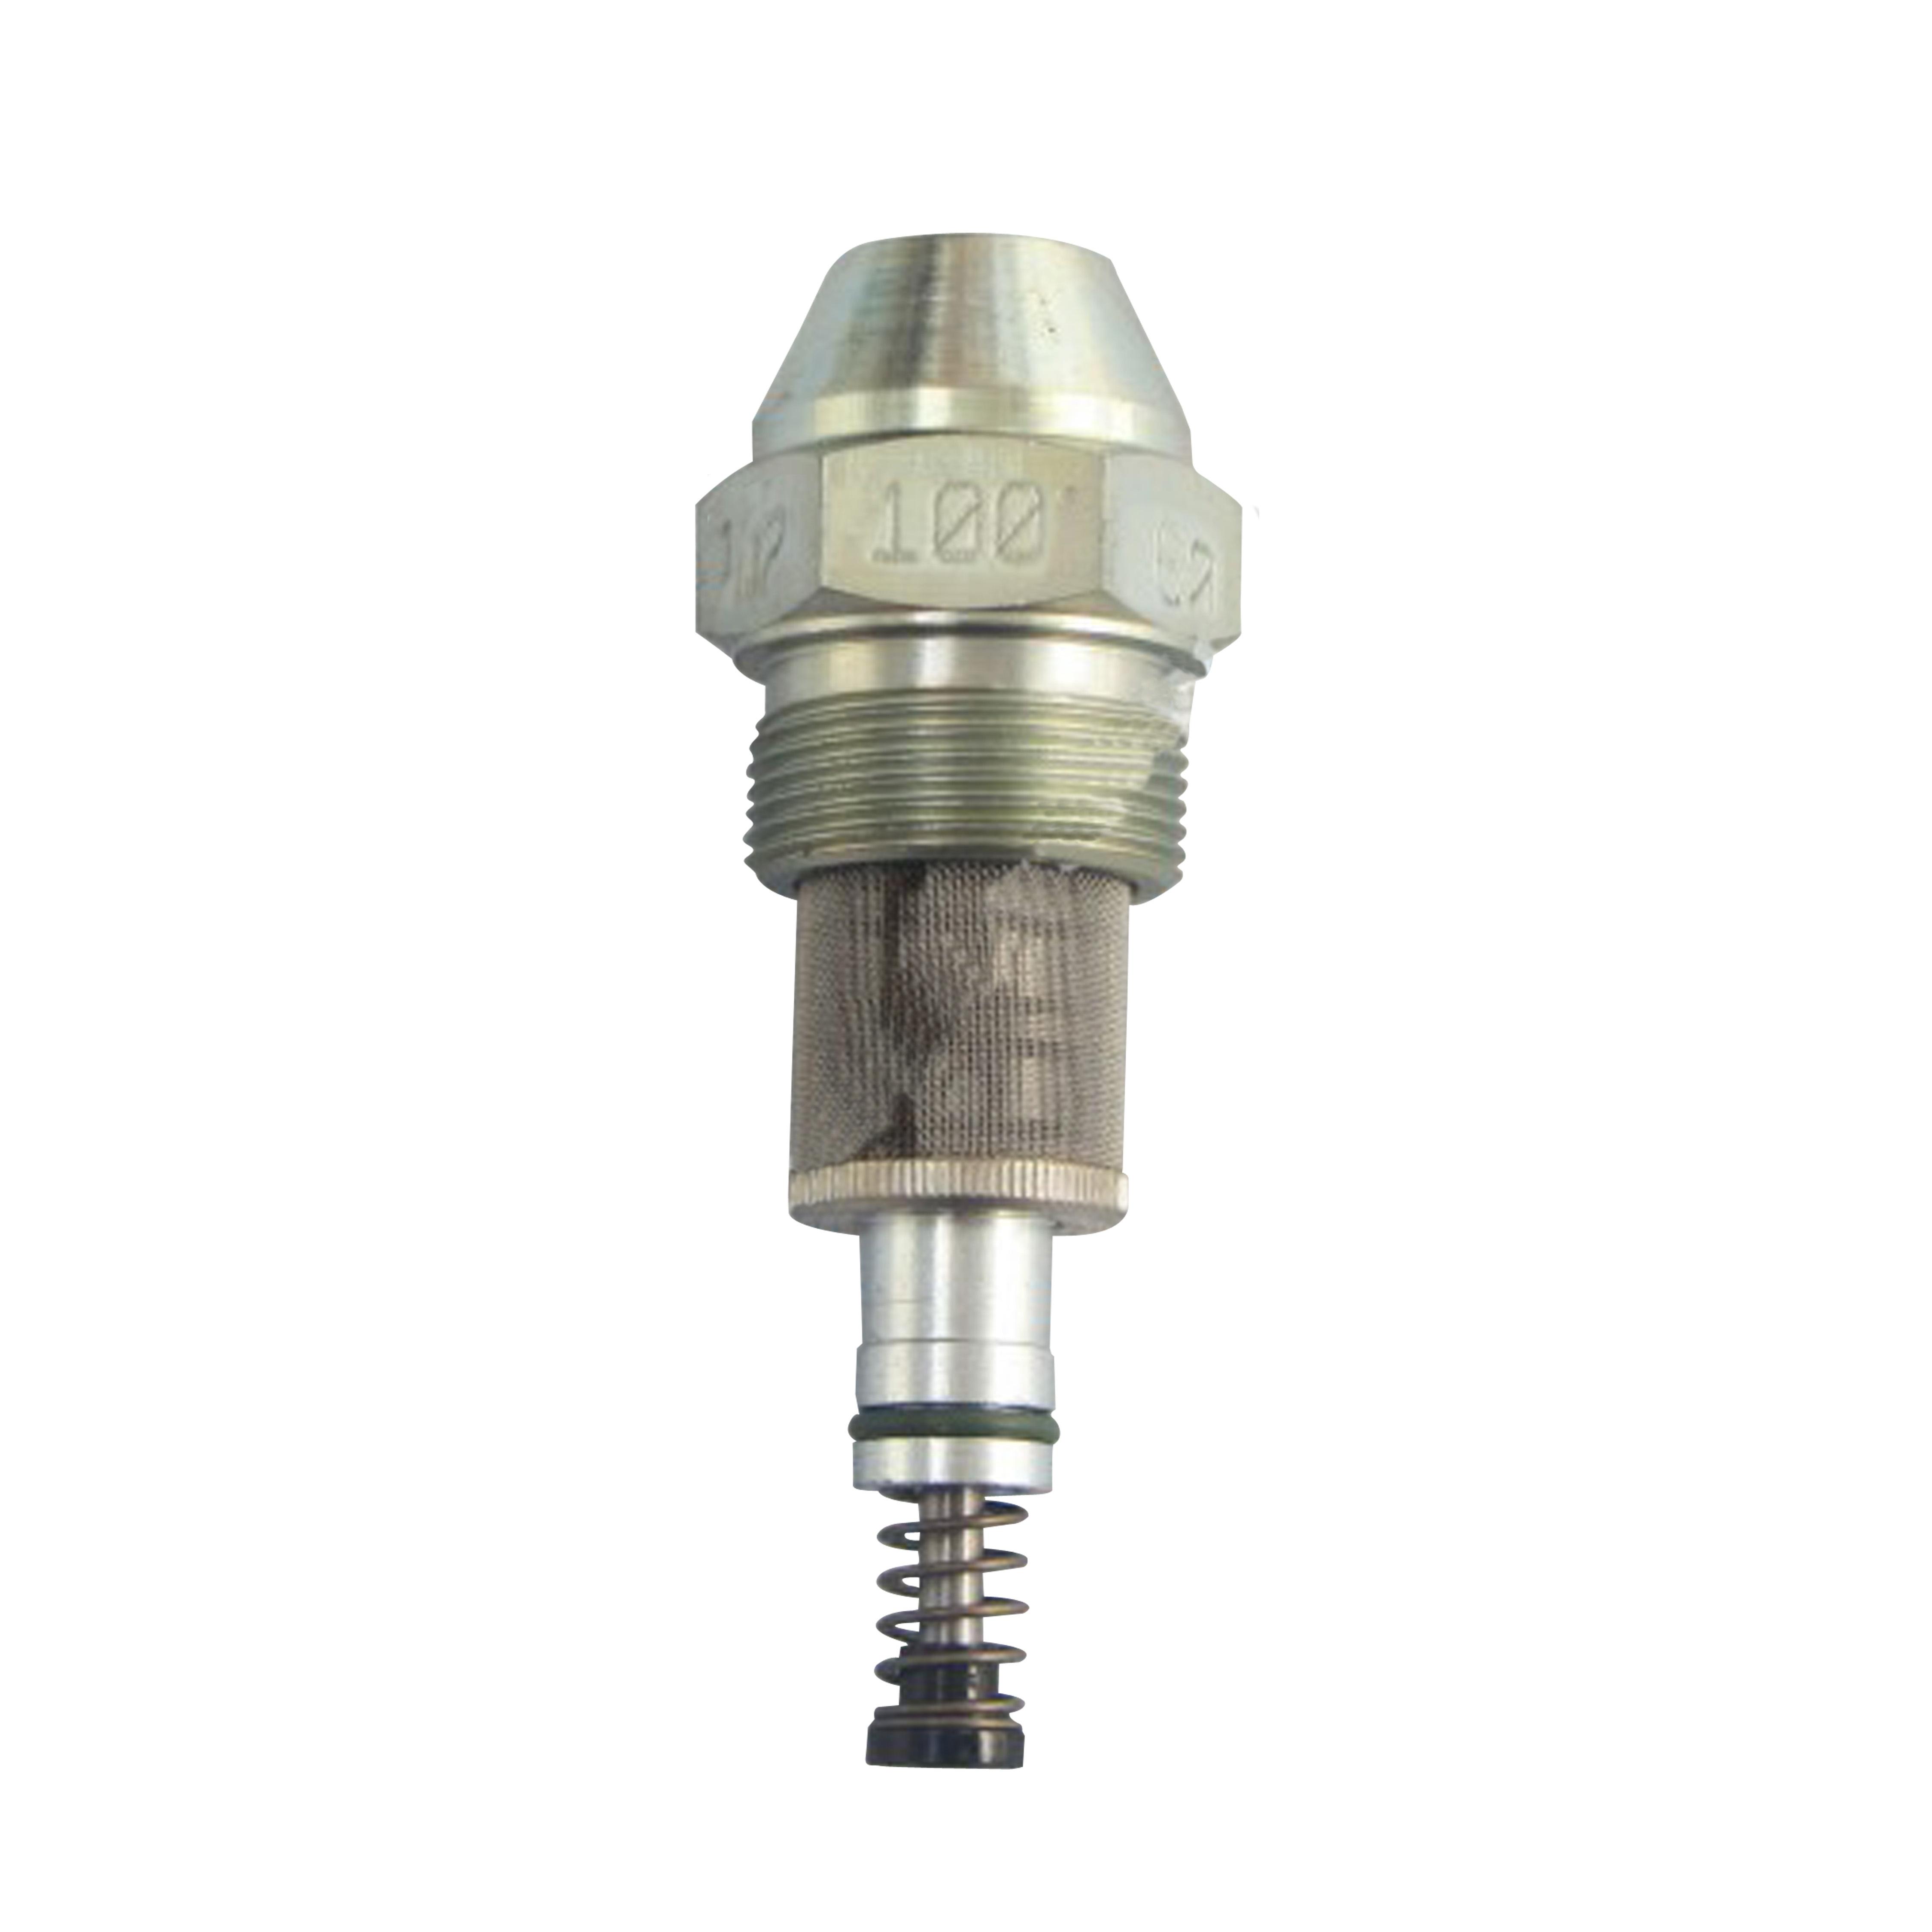 Fluidics Nozzles  W2 Type 60 Degree